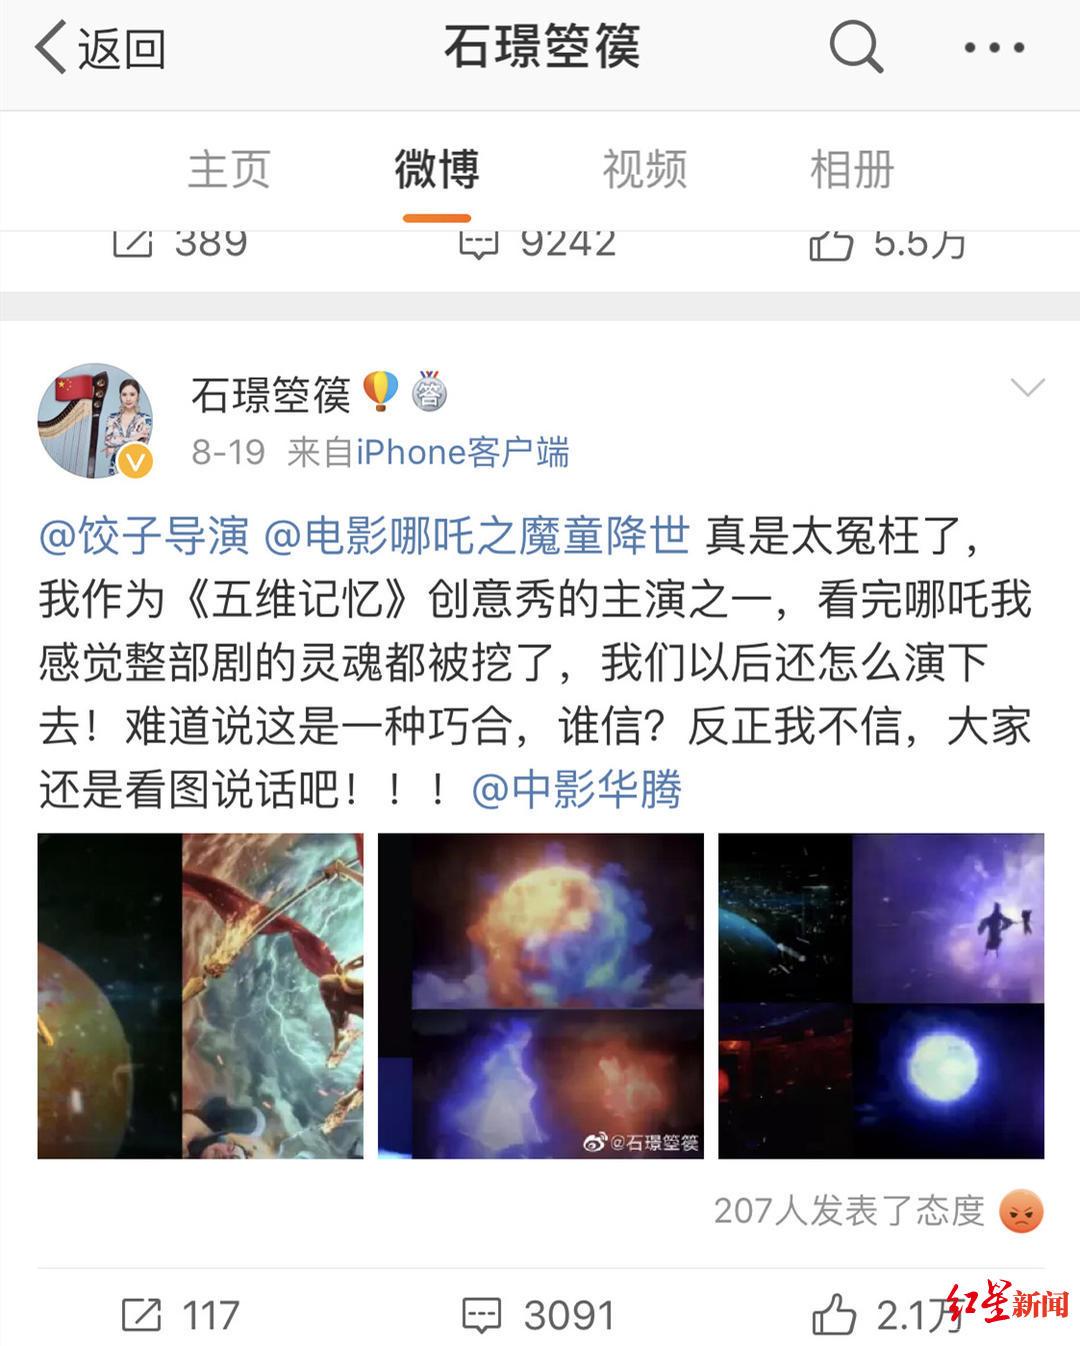 《哪吒》被指涉抄袭,《五维记忆》版权方喊话饺子导演:对剧本